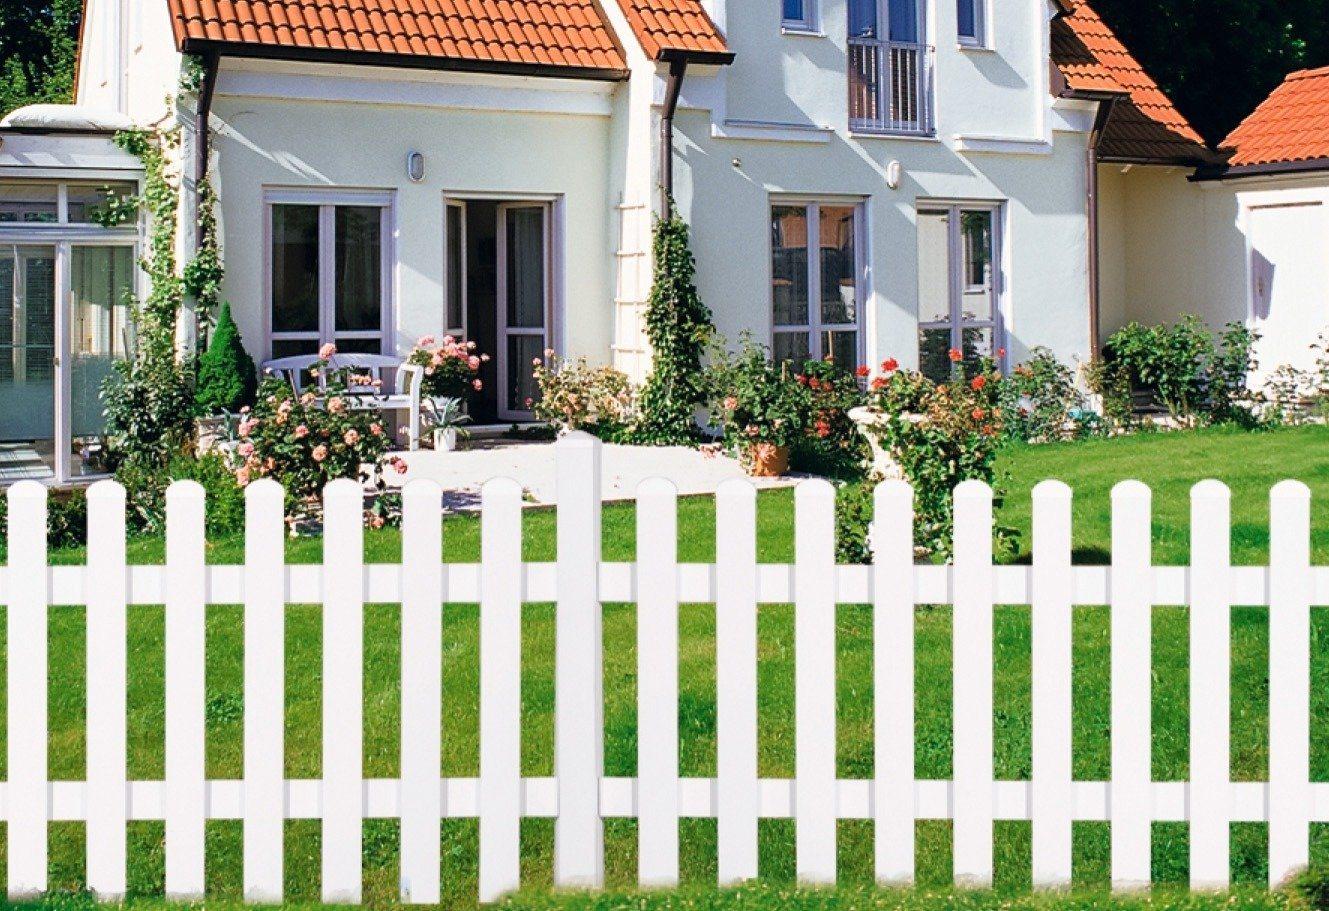 KM Meeth Zaun Gmbh Gartenzaun Zaunelement gerade, weiß (in 2 Größen) | Garten > Zäune und Sichtschutz | KM Zaun